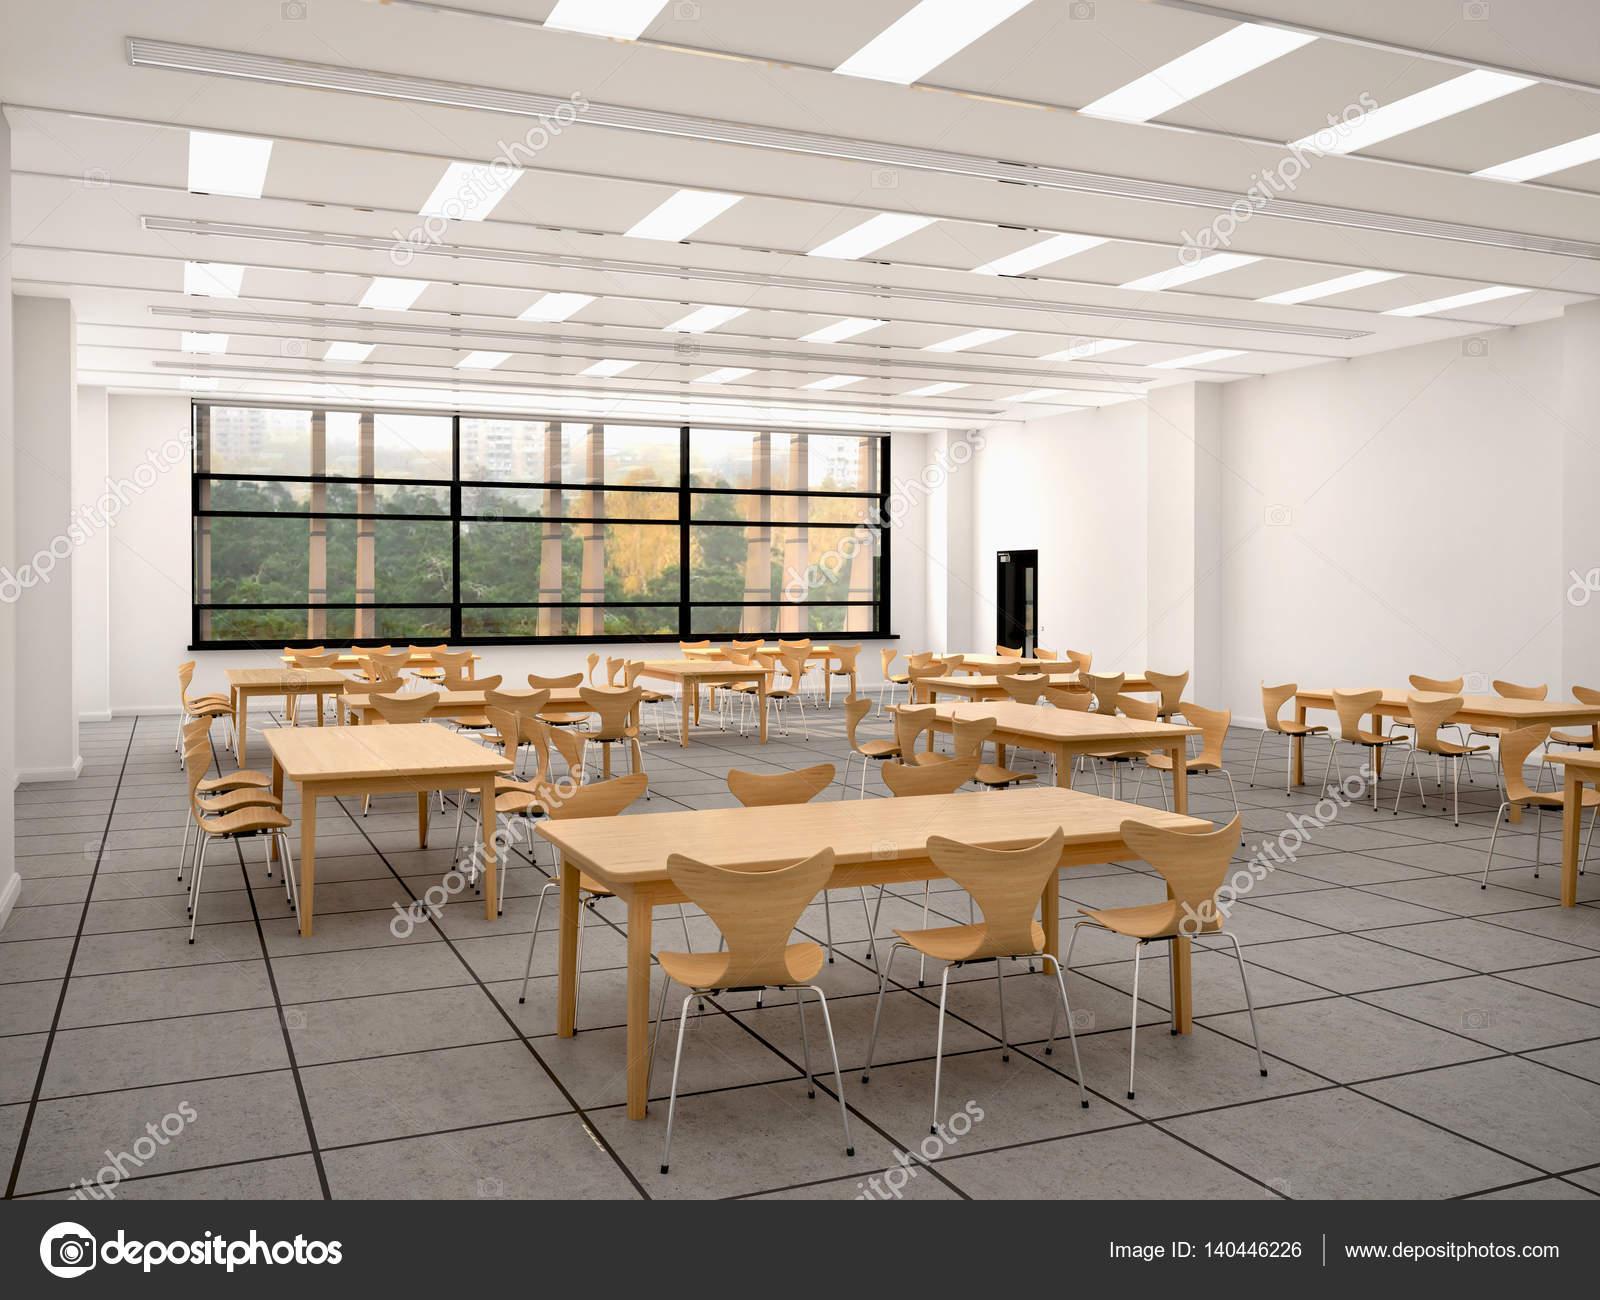 Wunderschön Moderne Stuehle Esszimmer Das Beste Von Mit Einem Großen Fenster. Holztische Und Stühle